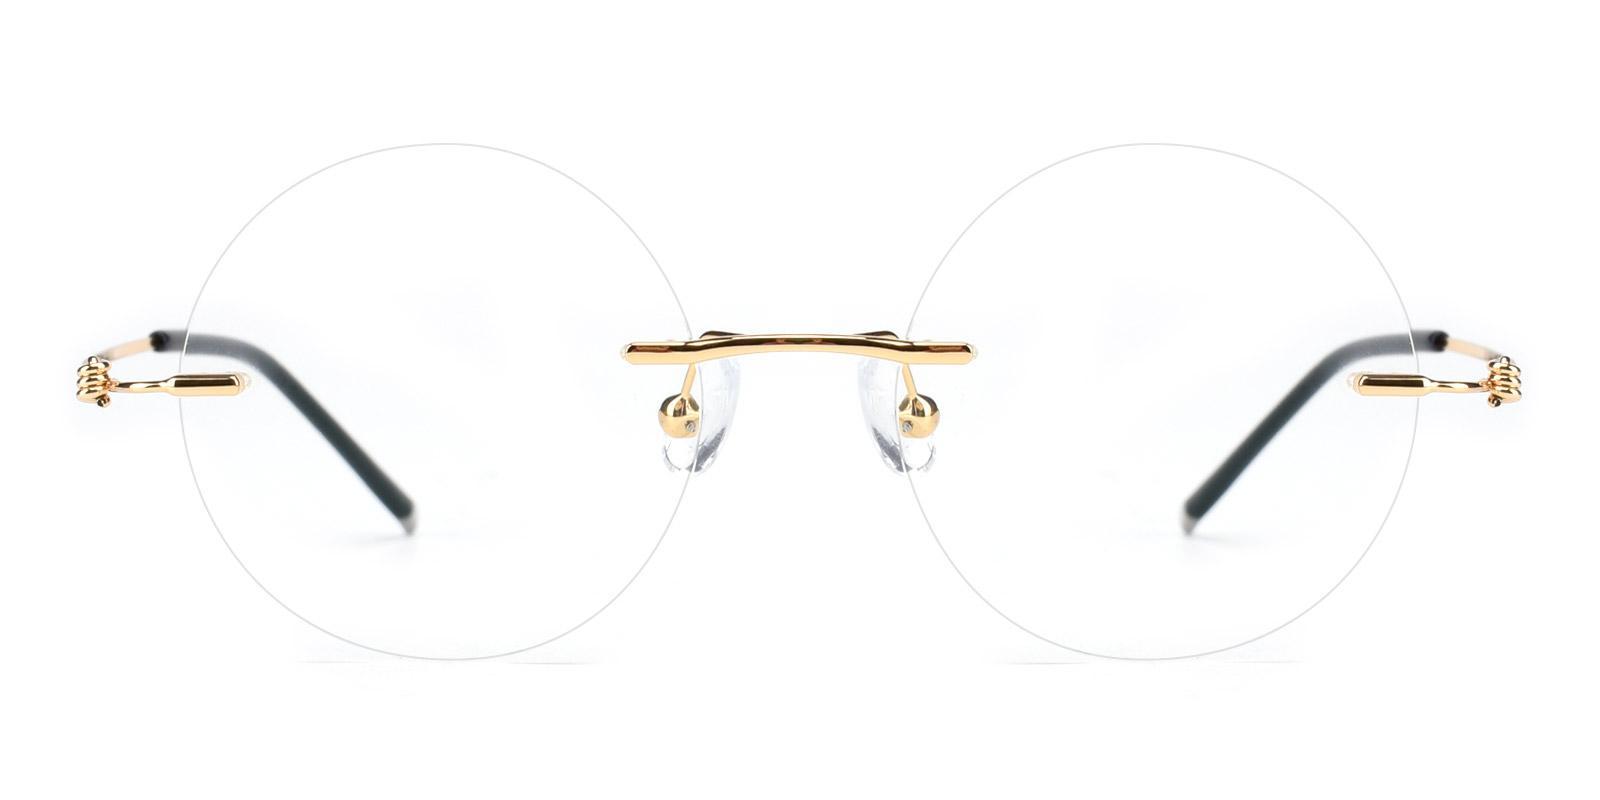 Elsie-Gold-Round-Metal-Eyeglasses-detail